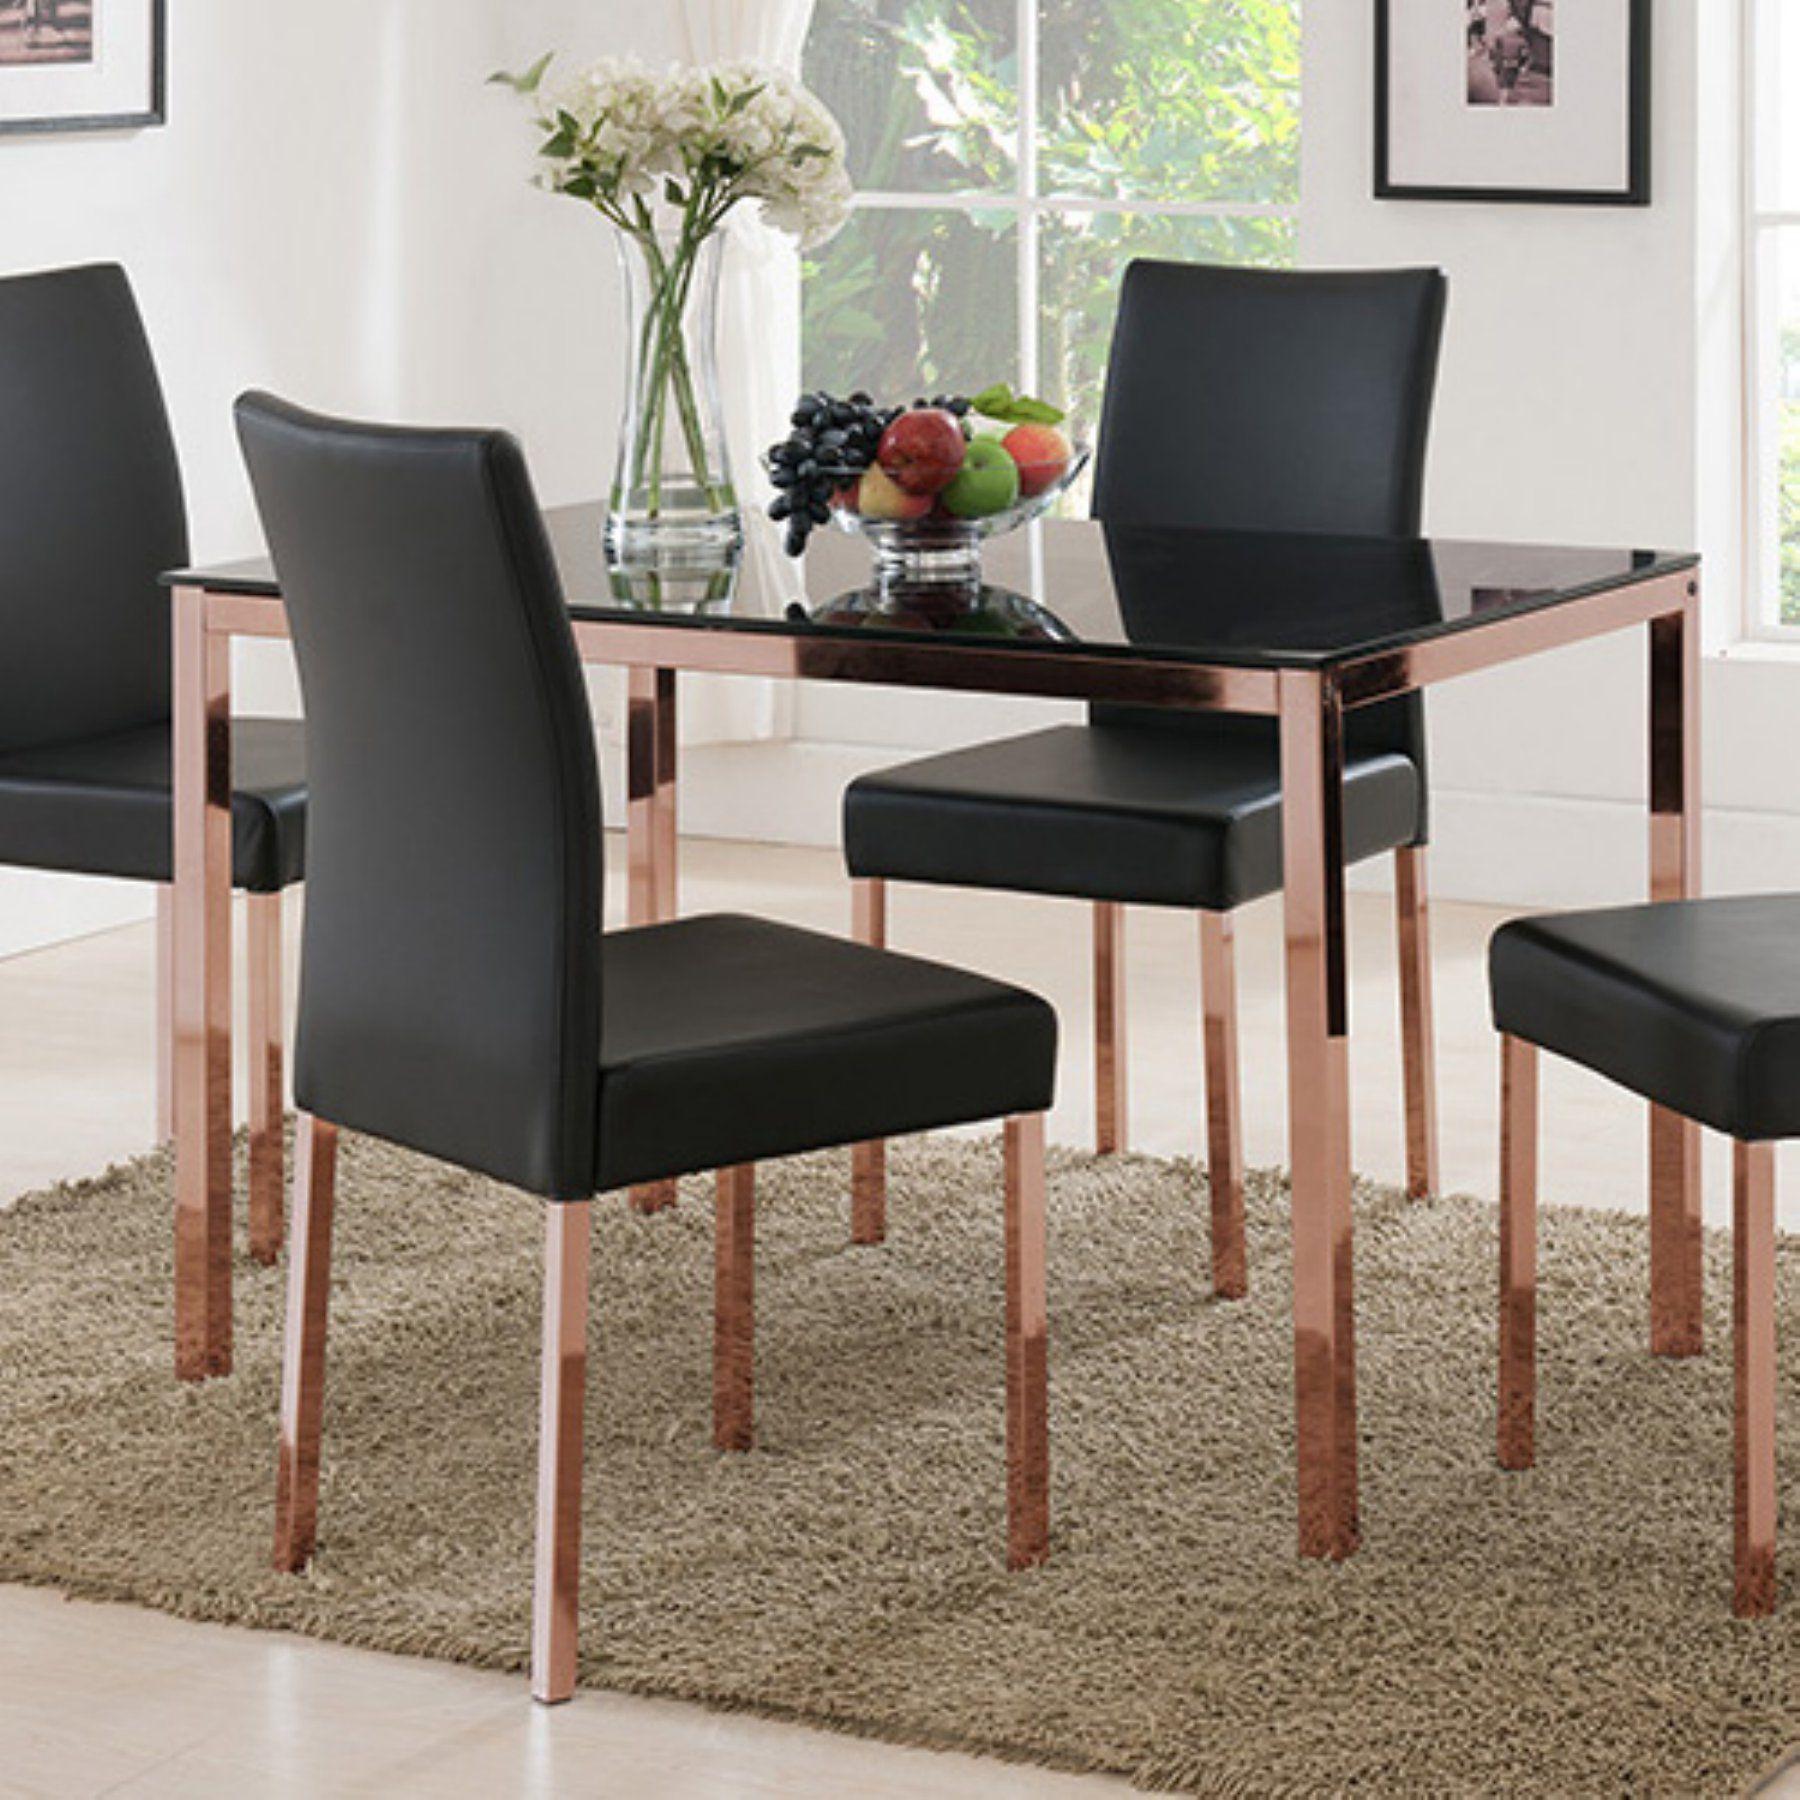 K B Furniture D919 05 Rose Copper Black Glass Top Dining Table D919 05 Copper Dining Room Black Glass Dining Table Glass Top Dining Table